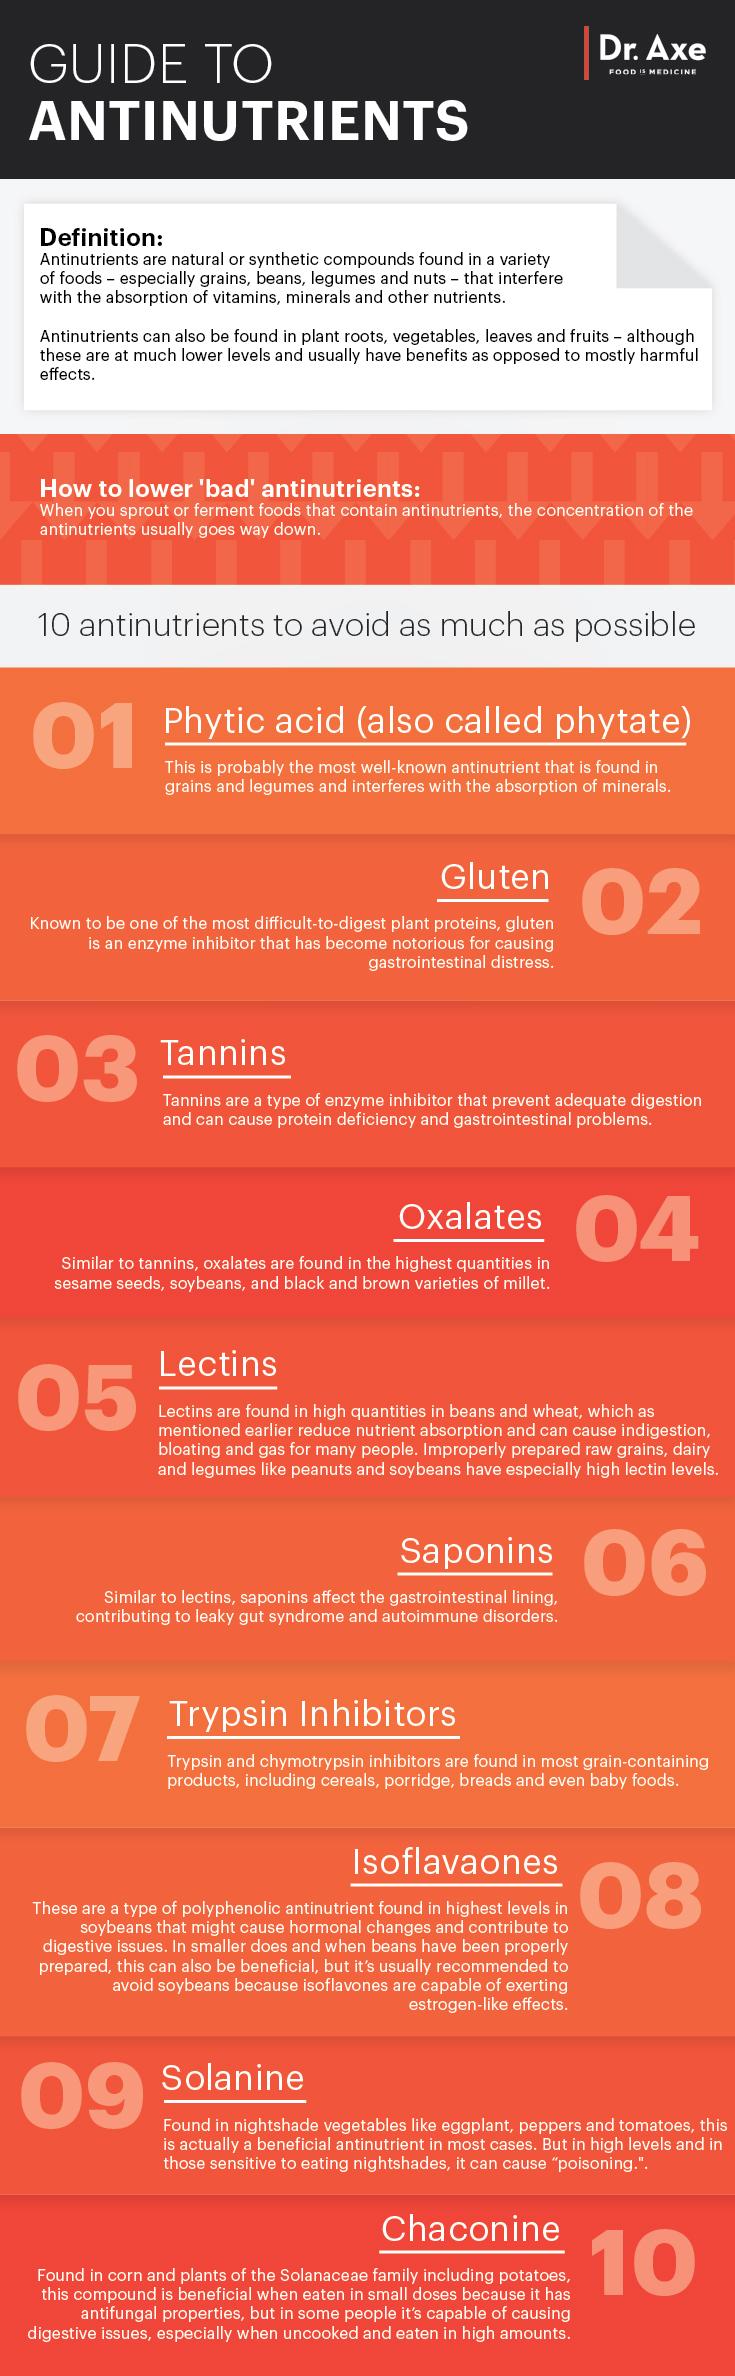 AntinutrientsGraphic-1